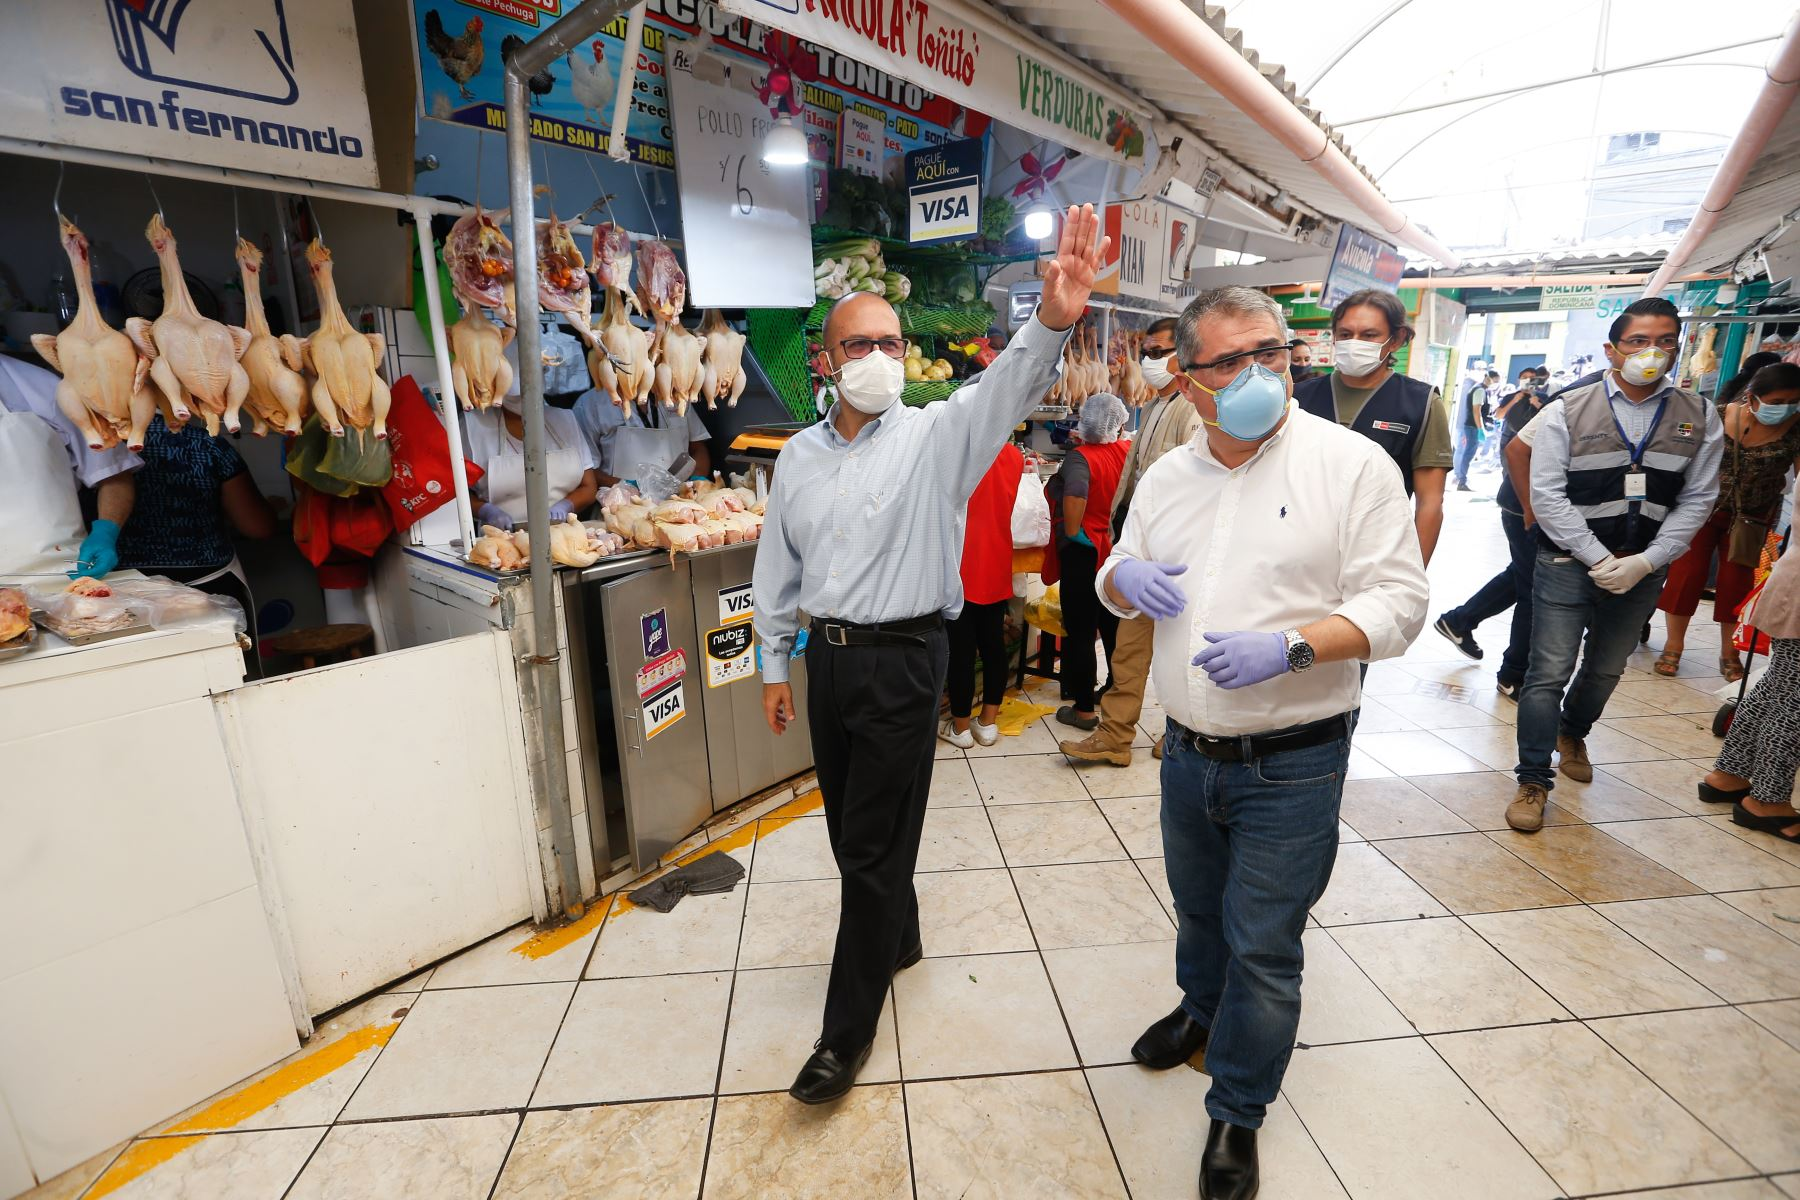 El ministro de salud Victor Zamora y el alcalde de Jesús María, Jorge Quintana, lanzaron el plan Mercado Seguro. Esta iniciativa promueve la adopción de medidas preventivas en los centros de abastos con el objetivo de disminuir la transmisión de #COVID19. Foto: ANDINA/Minsa